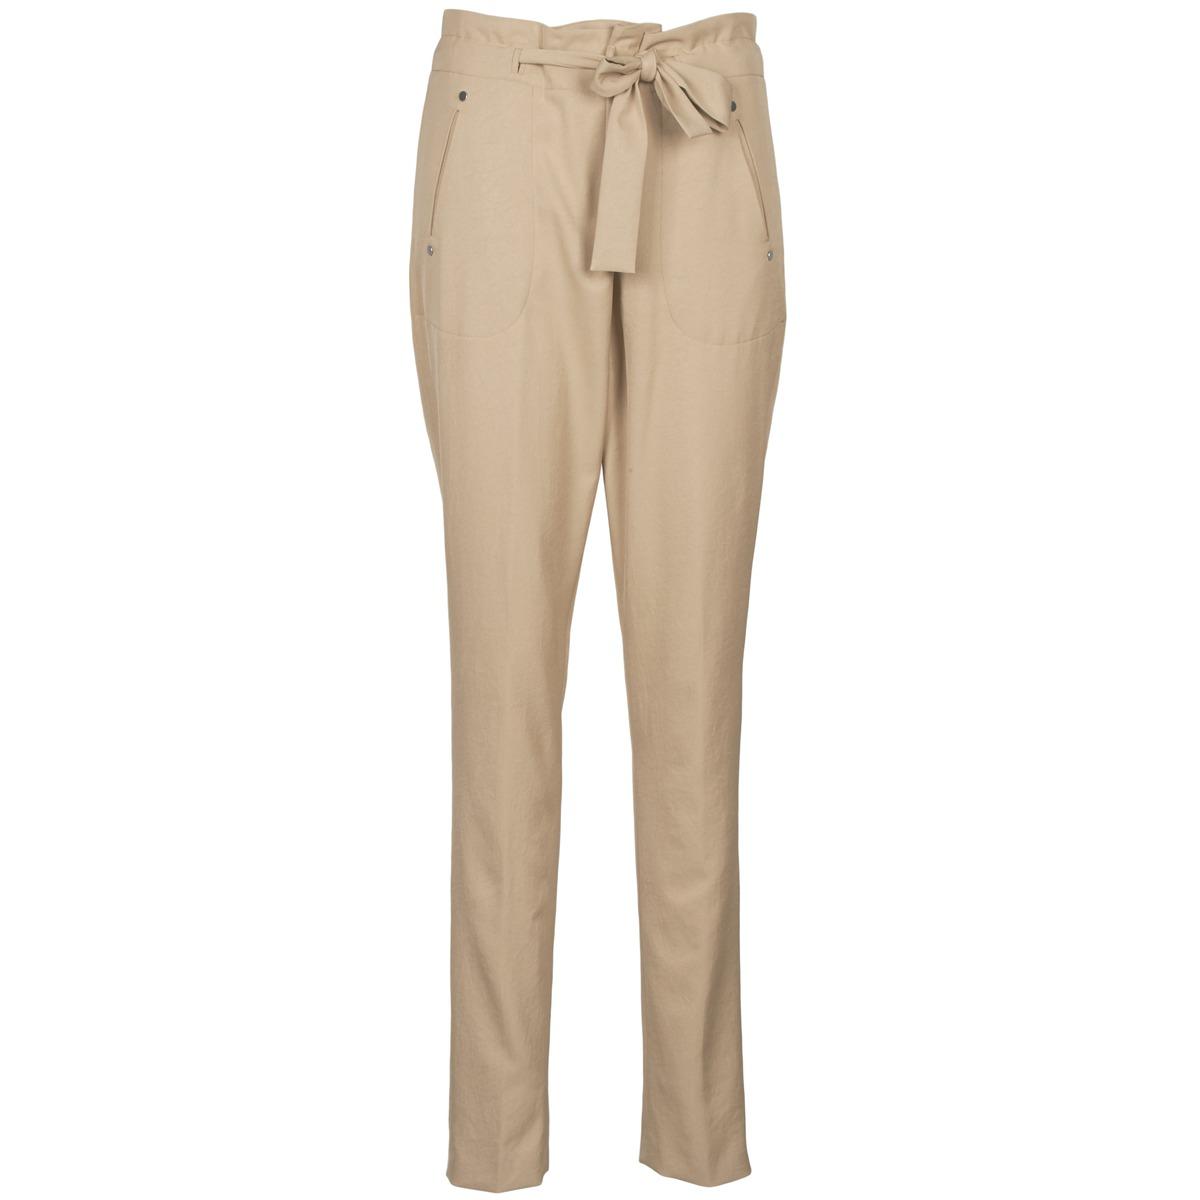 Løstsiddende bukser Lola  PARADE